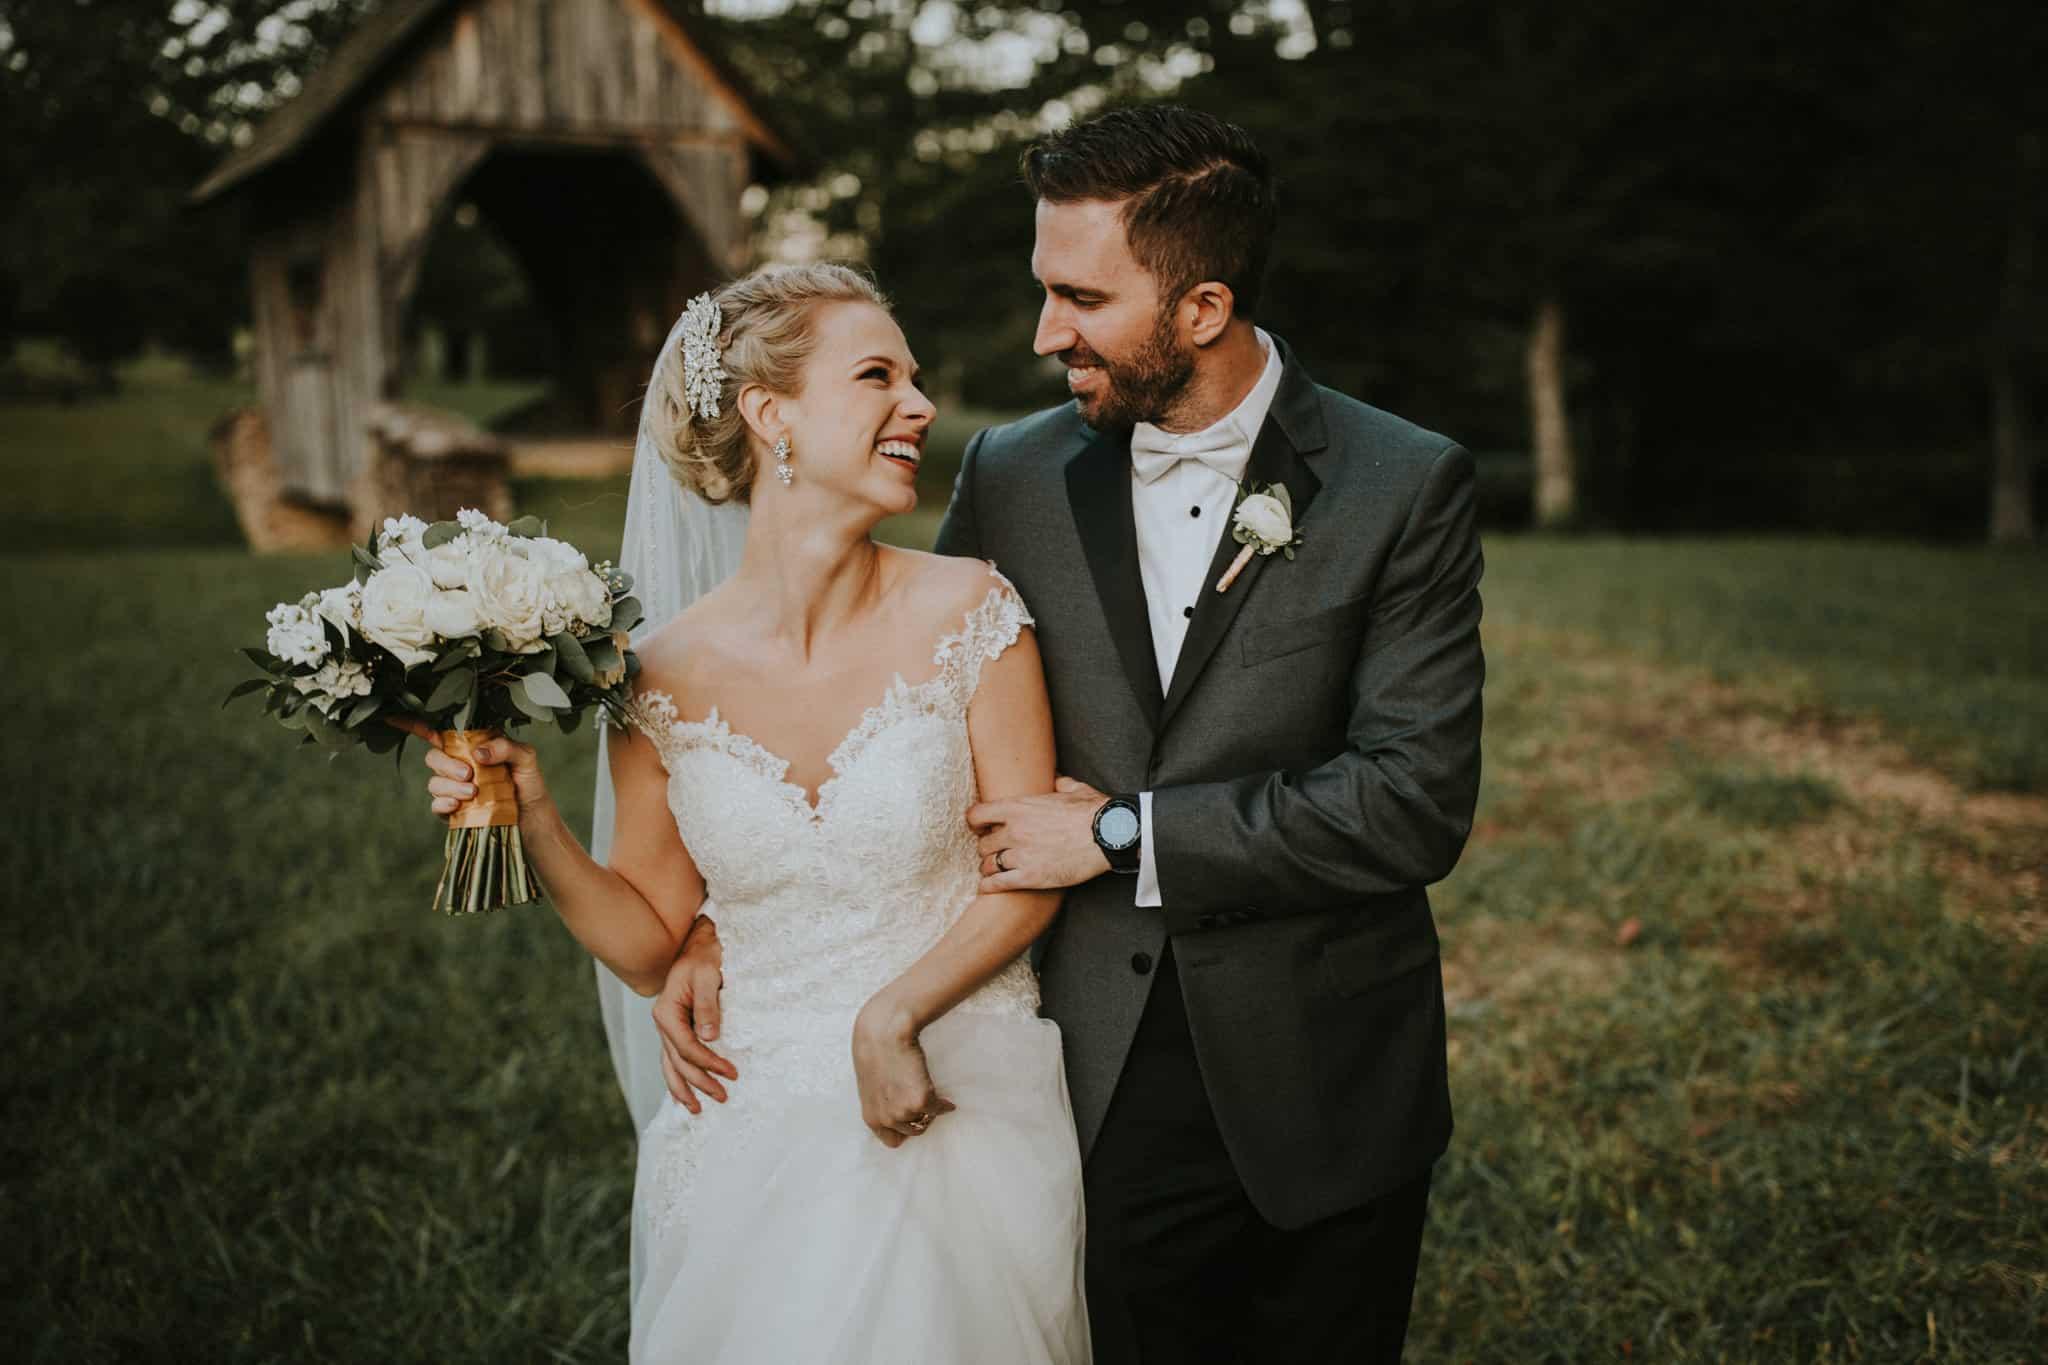 Wedding Videographer Albany NY